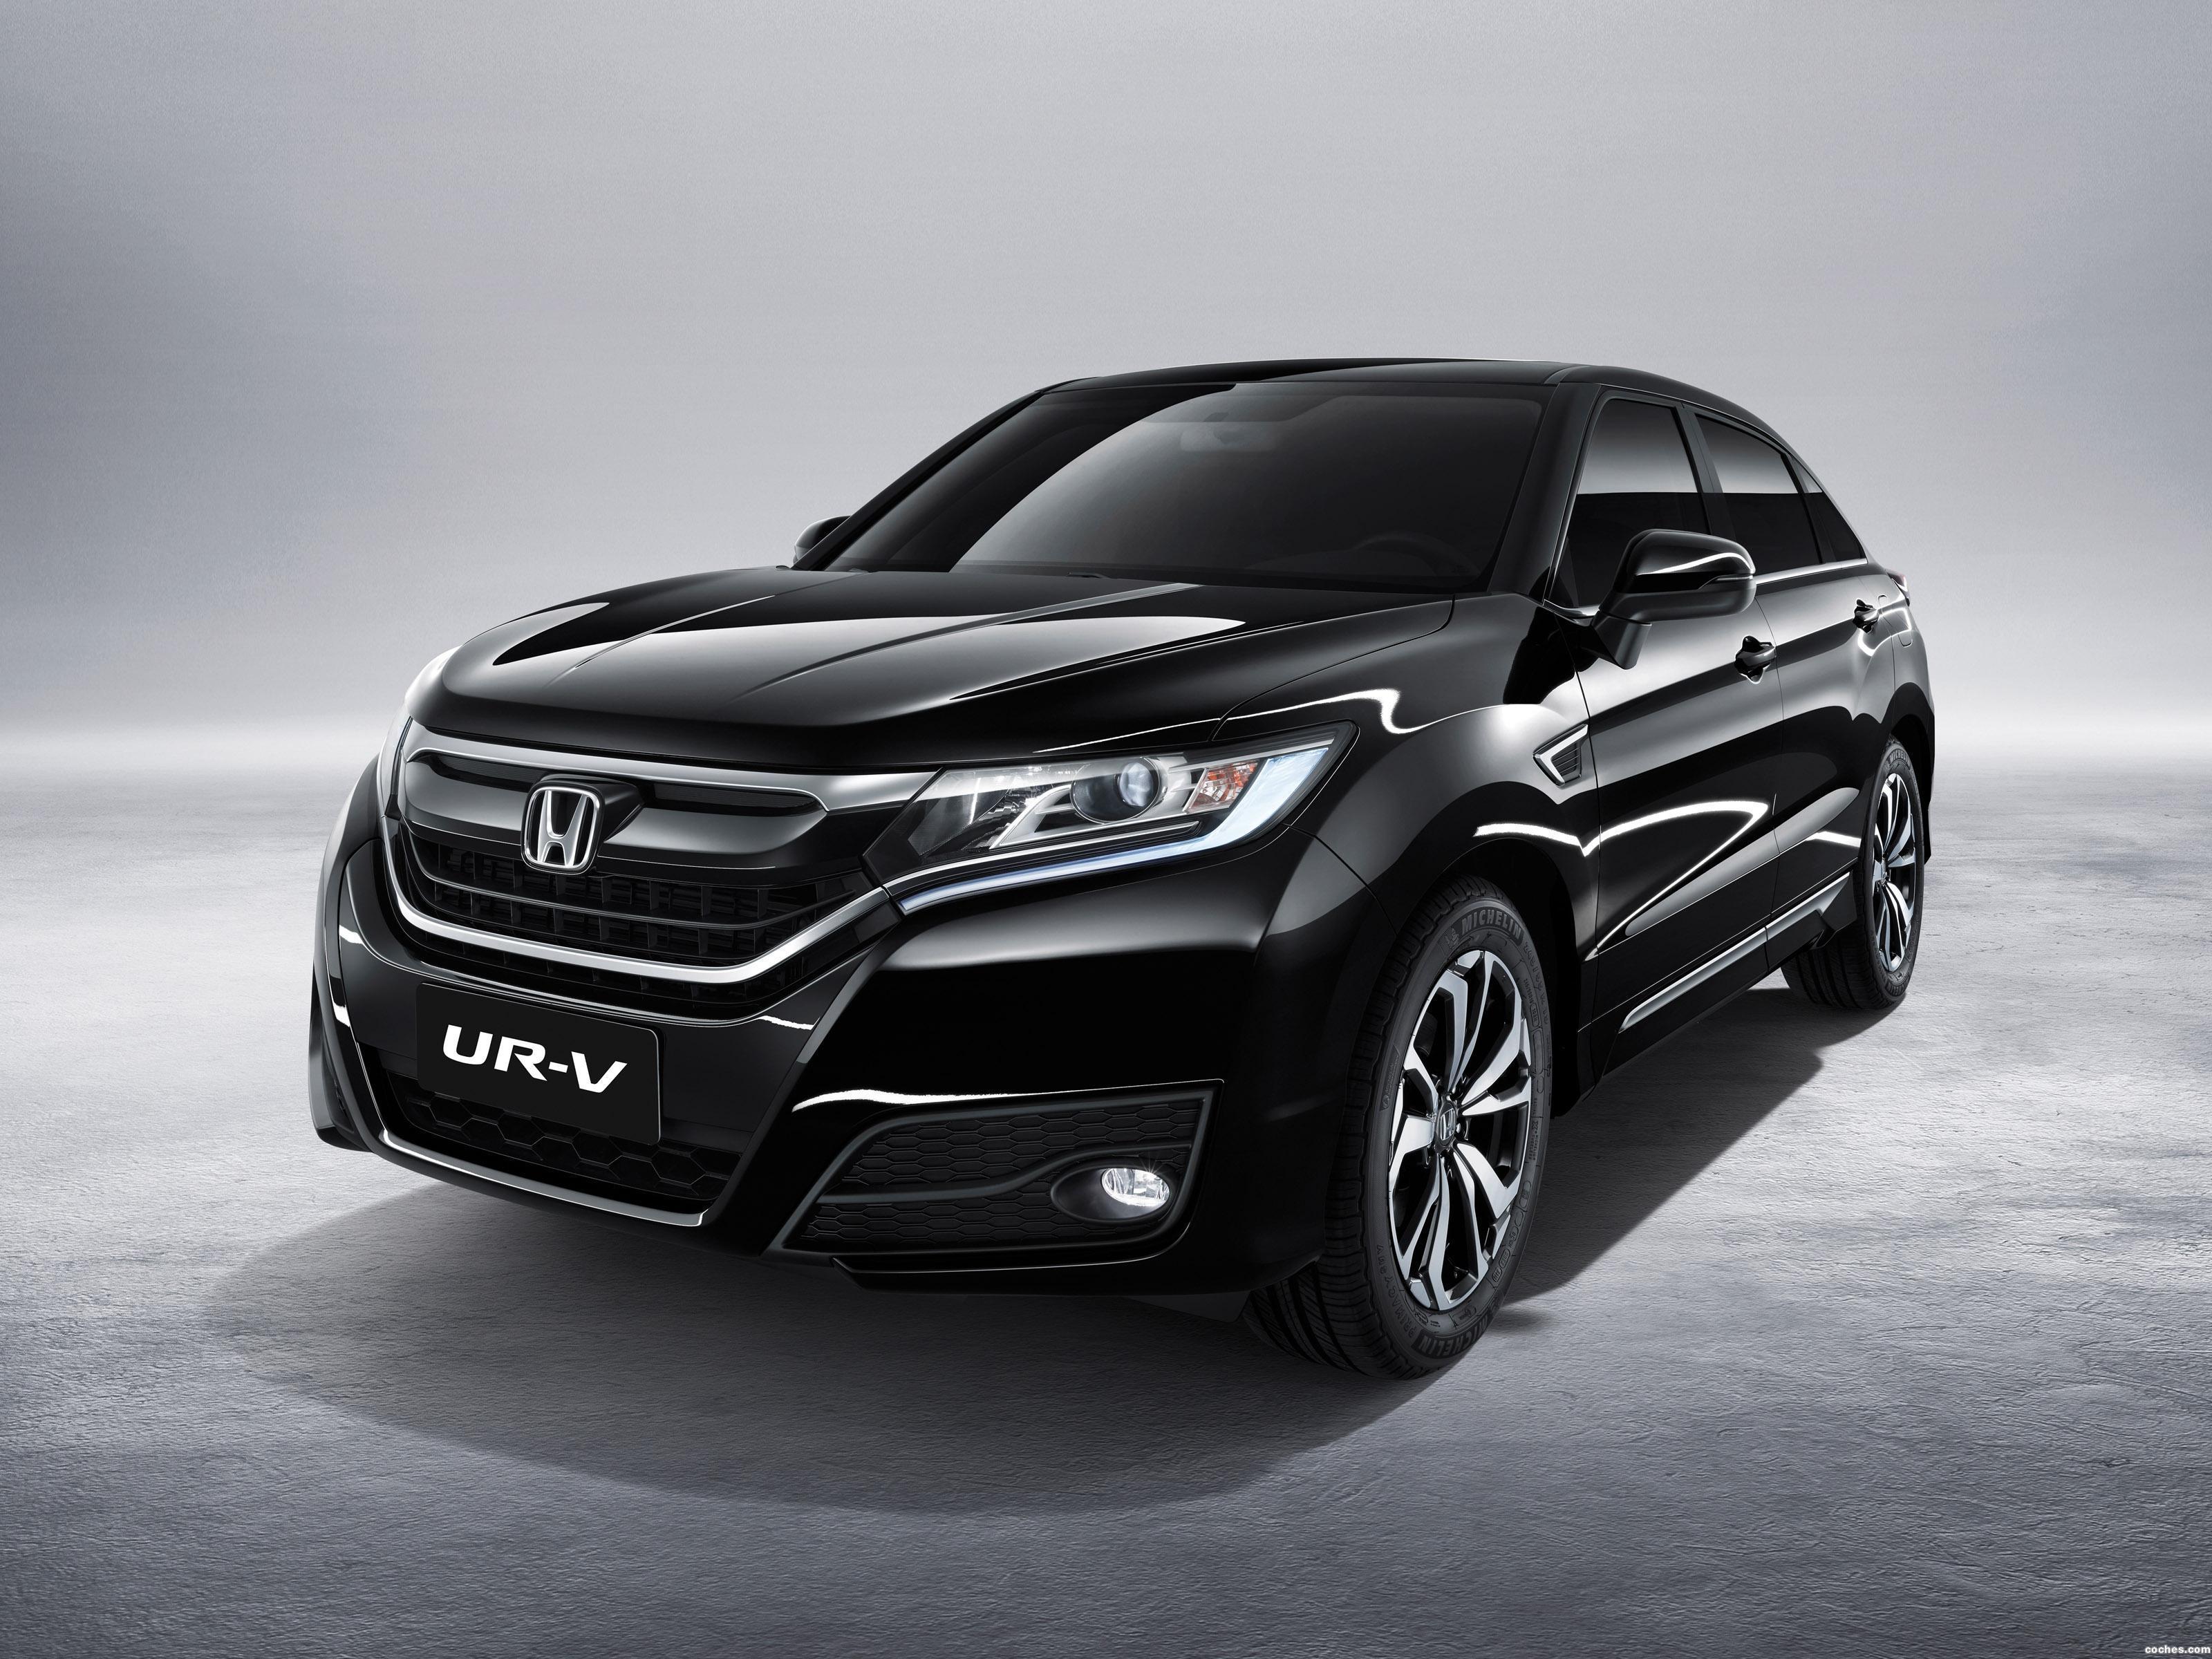 Foto 4 de Honda UR-V 2017